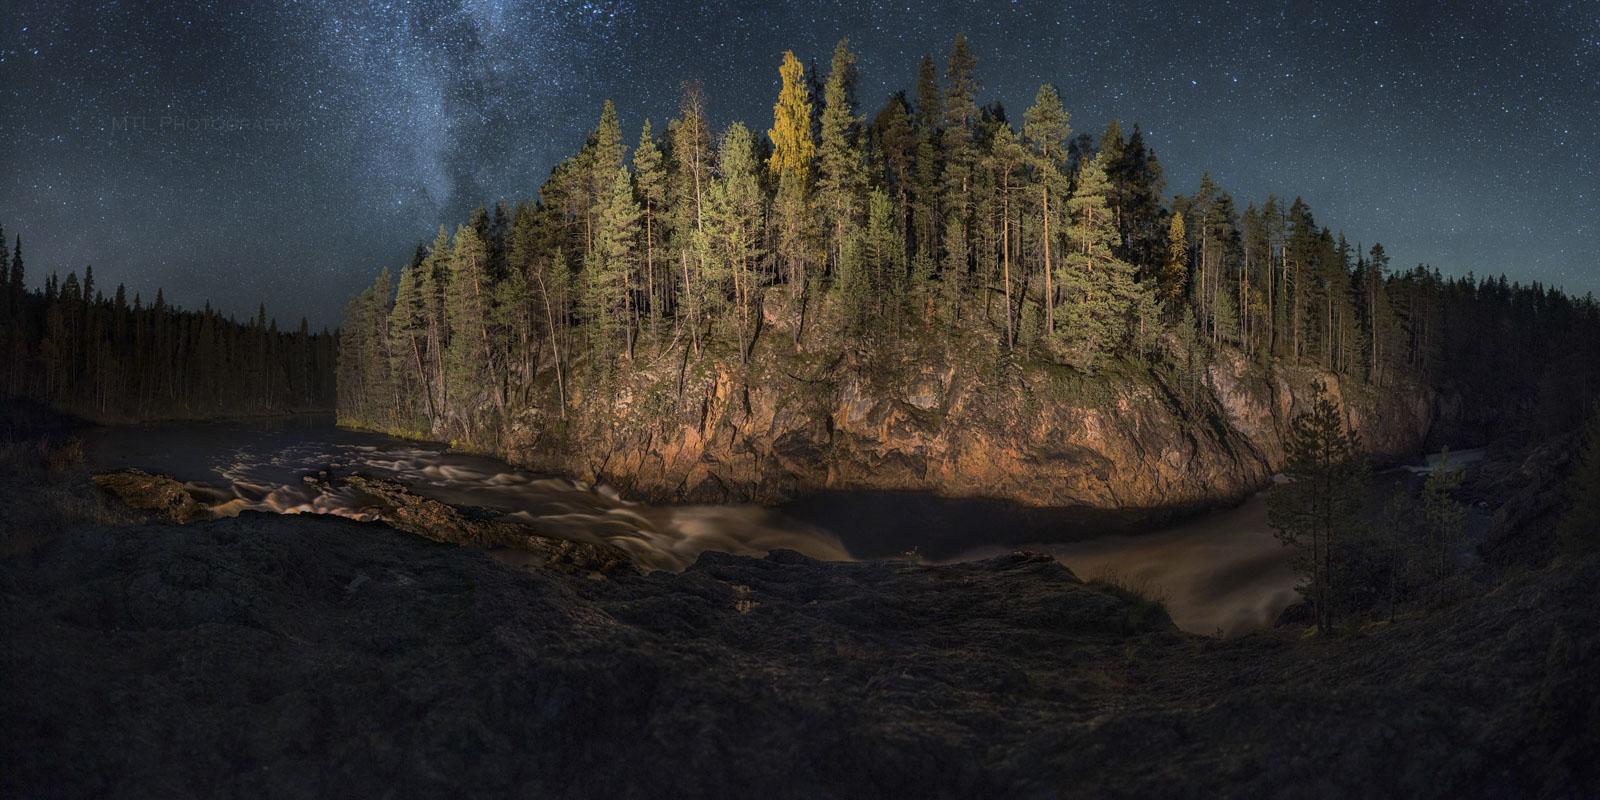 Kiutaköngäs nightscape